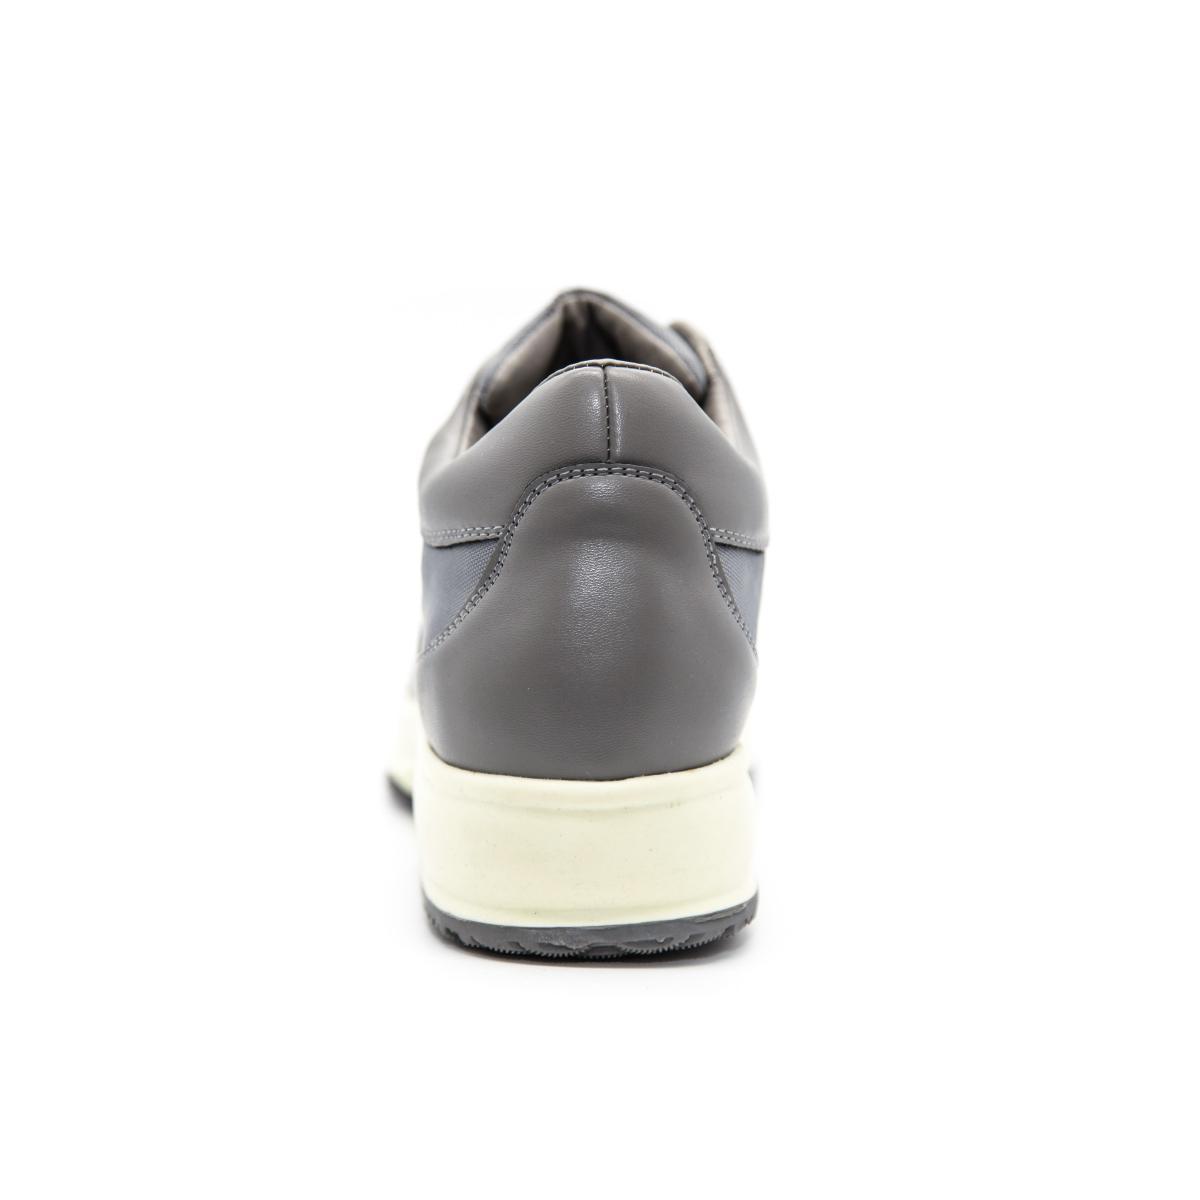 Scarpe Avirex Gunny 268 con fondo alto in pelle grigio unisex